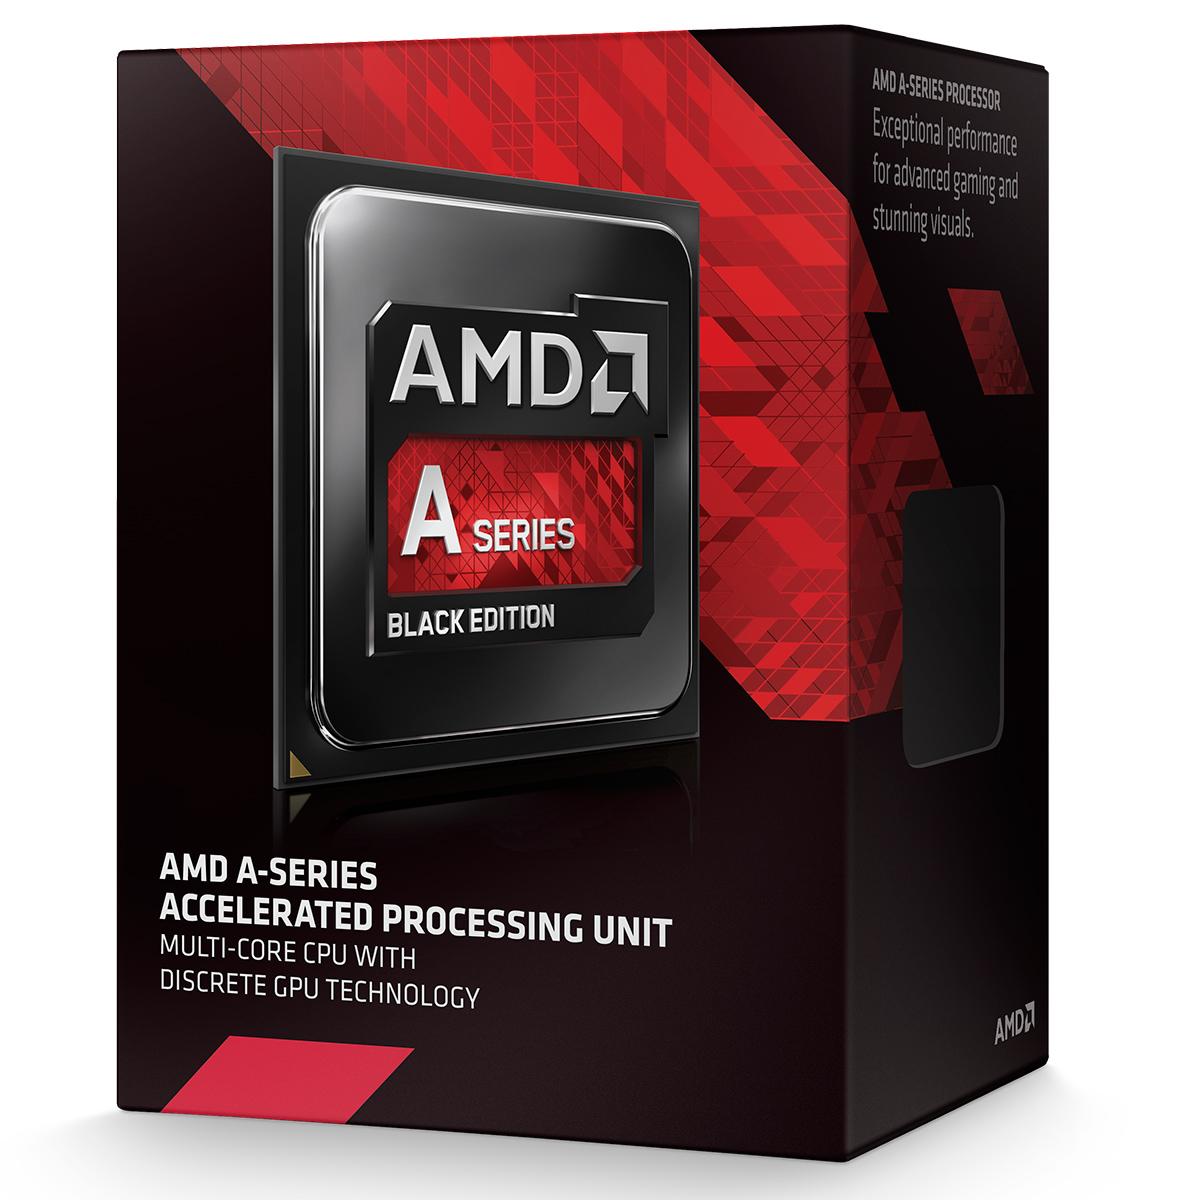 Processeur AMD A10-7700K (3.5 GHz) Black Edition Processeur Quad Core socket FM2+ Cache L2 4 Mo Radeon R7 0.028 micron (version boîte - garantie constructeur 3 ans)